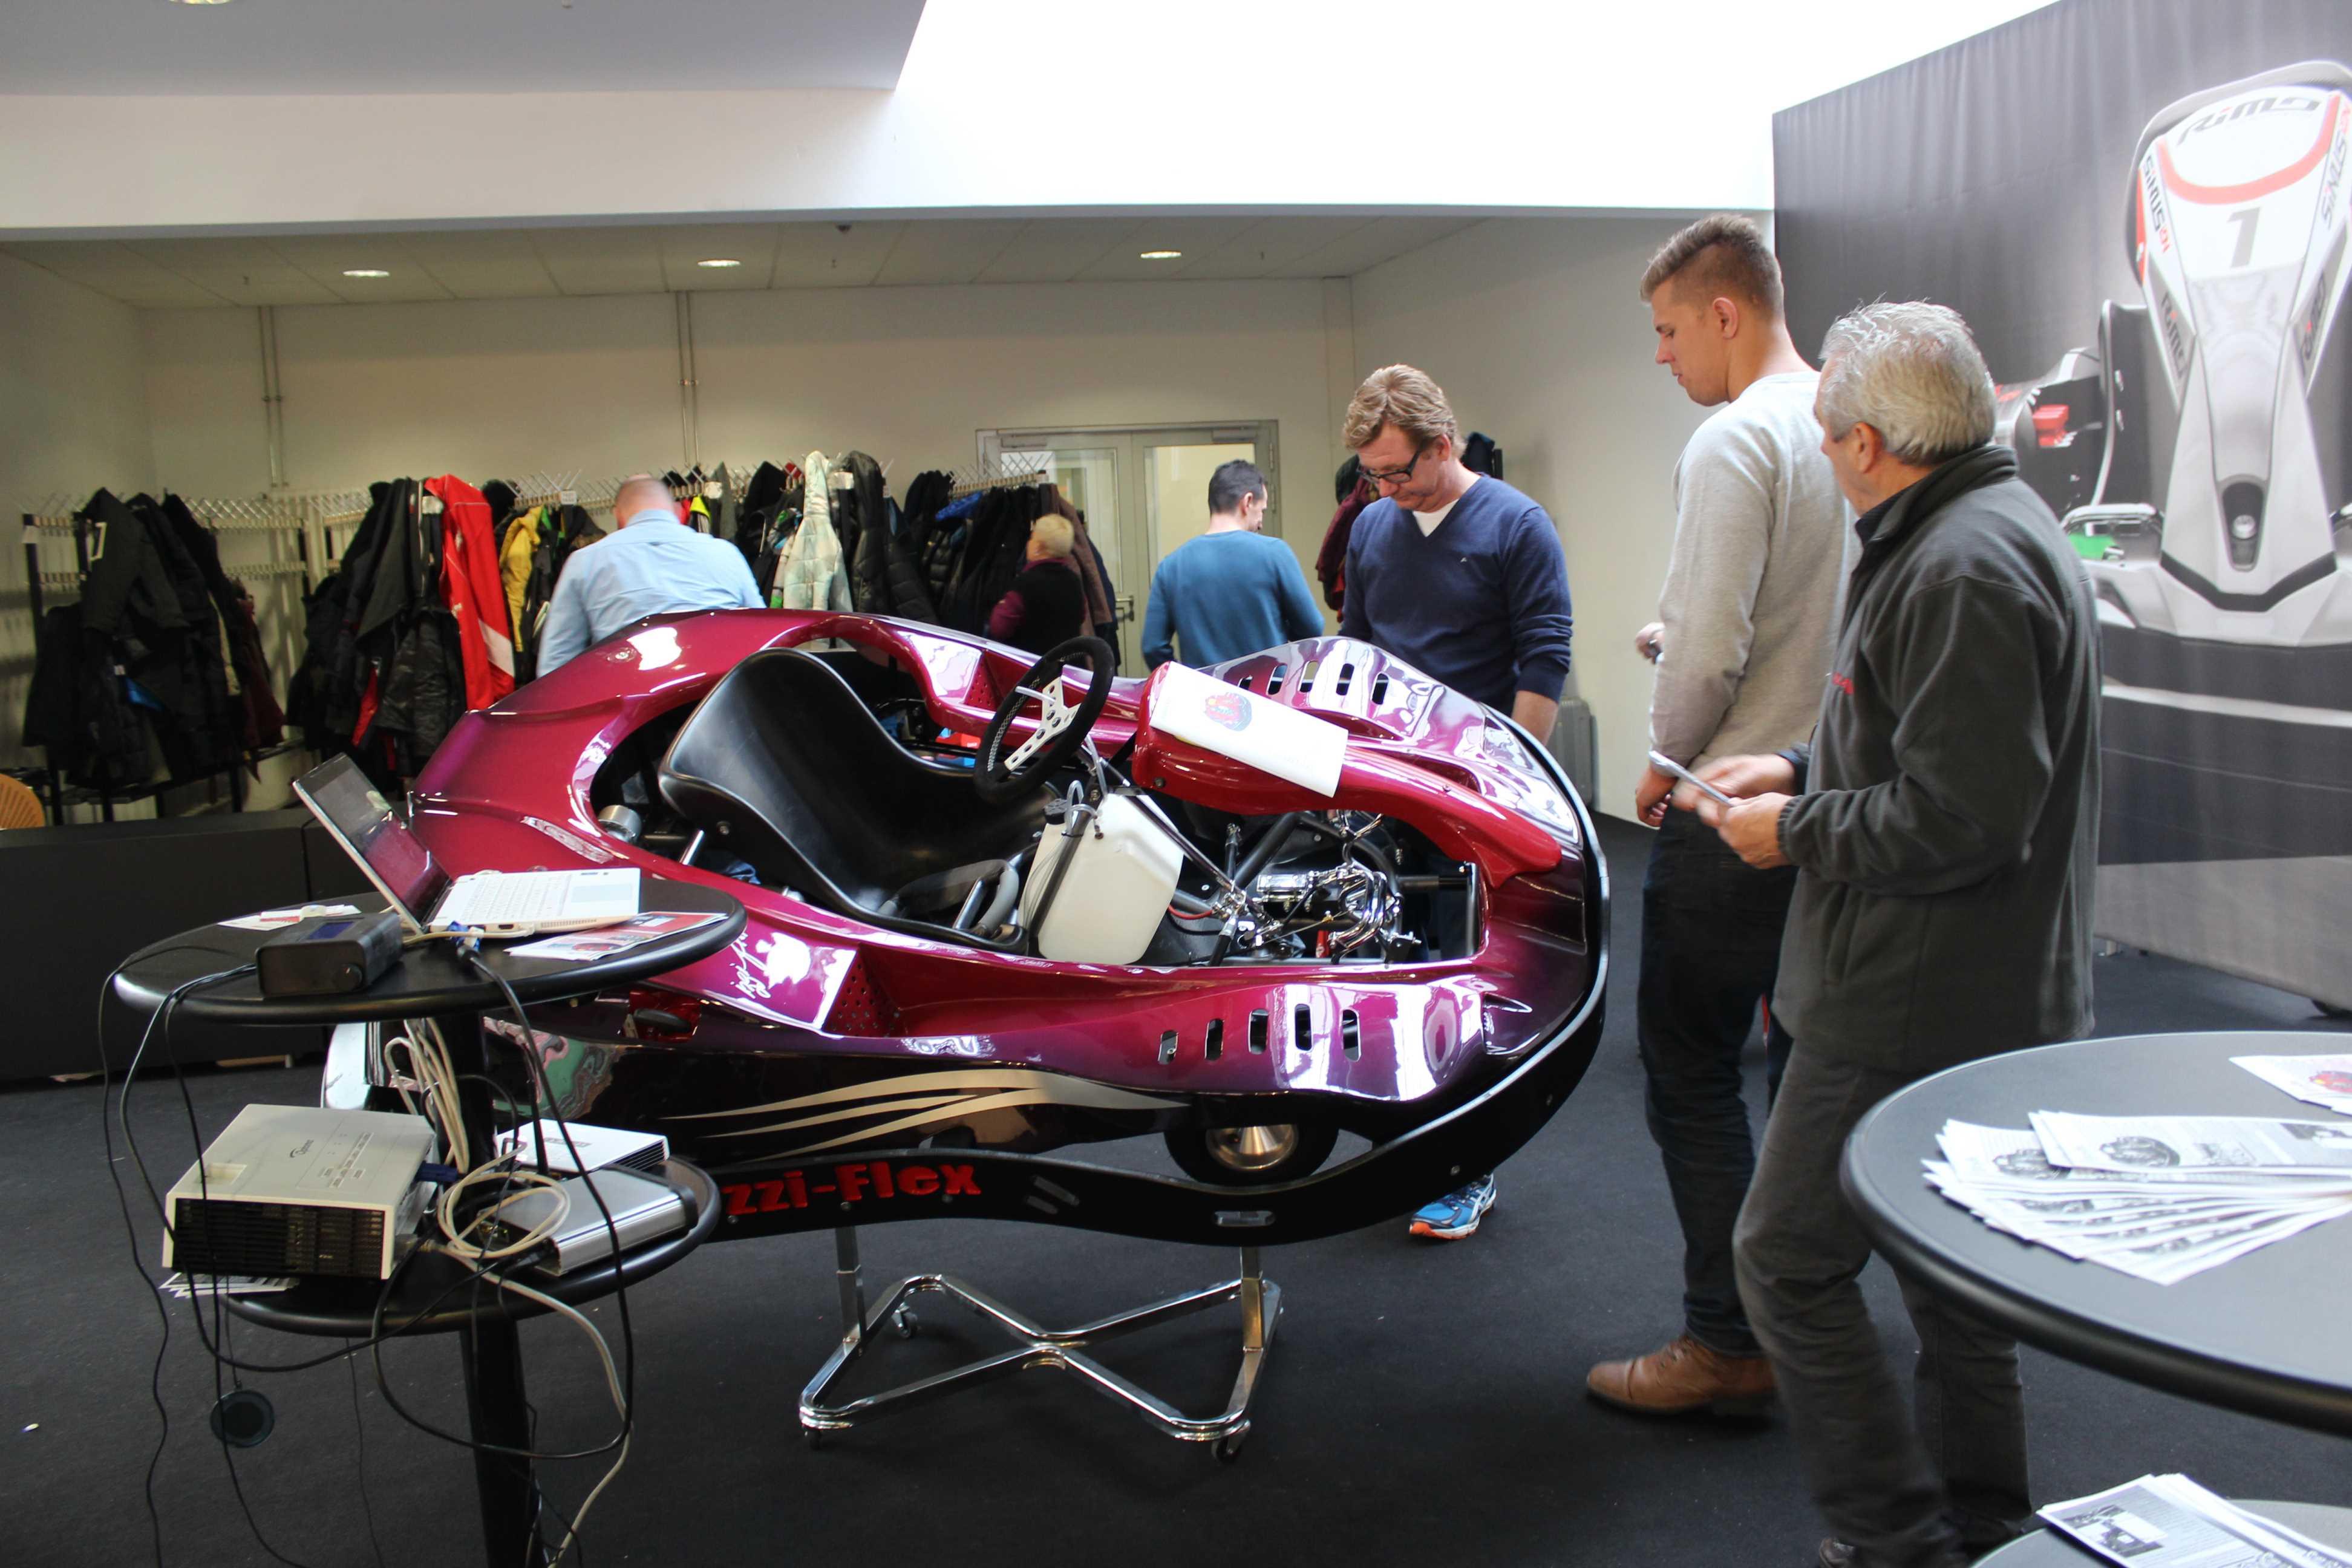 IZZI-FLEX Apresentação na Feira Internacional do Karting Alemanha6